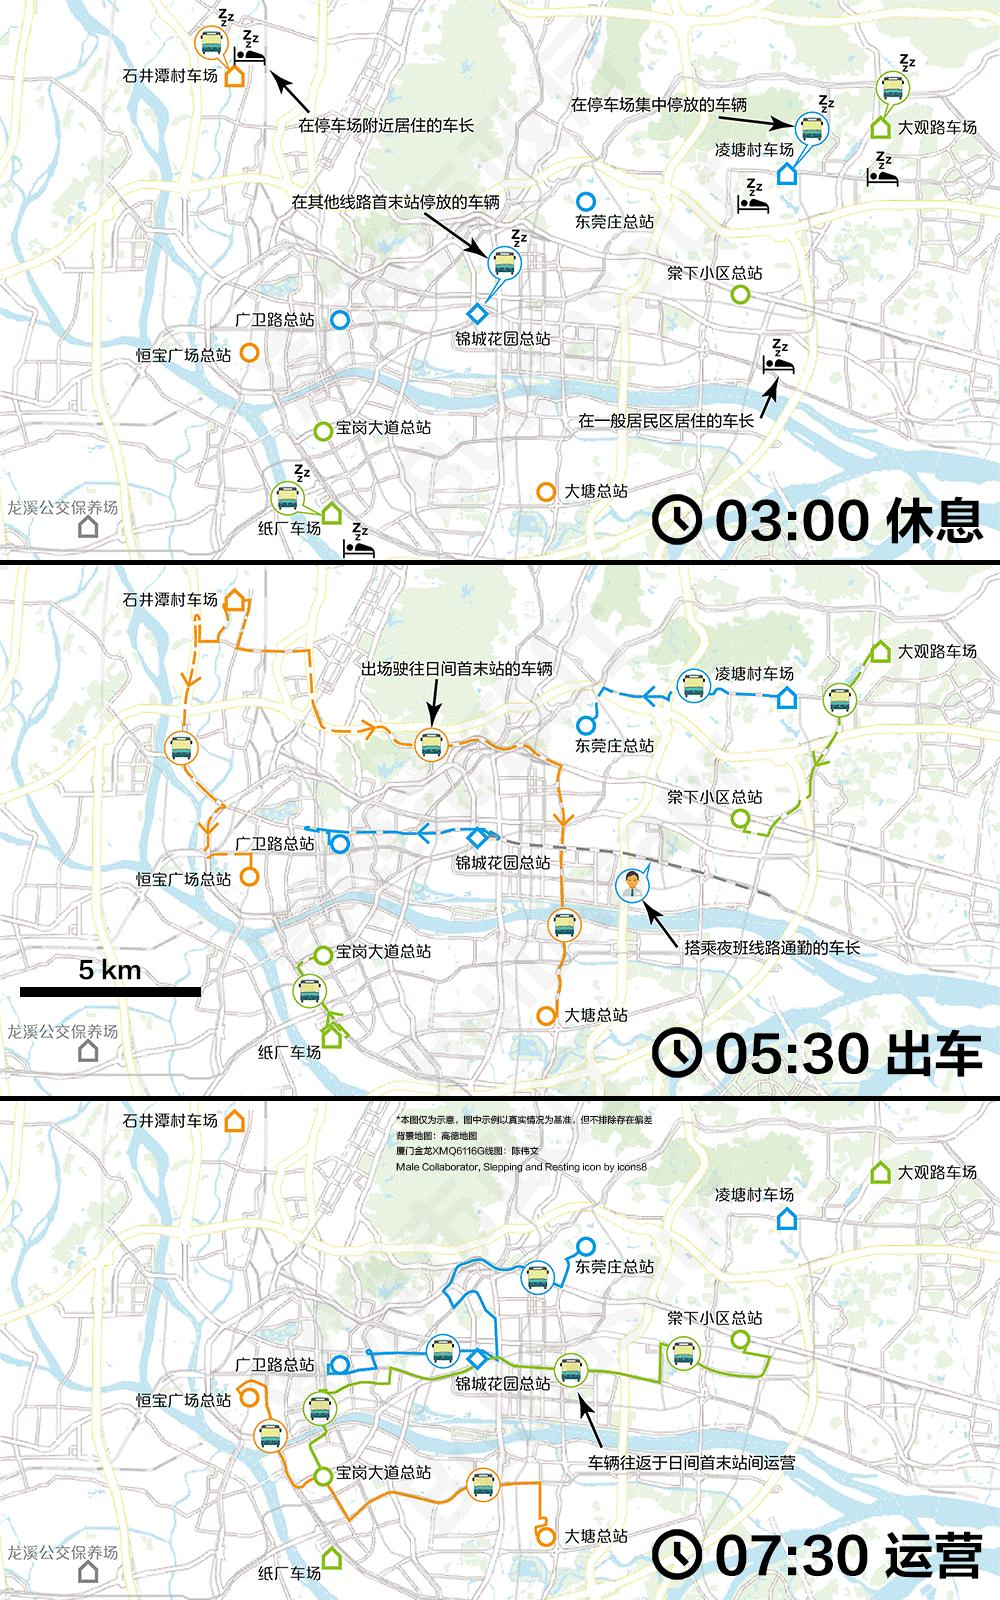 多数城市使用集中车场模式,如广州,将郊区停车场地和市中心日间首末站设施分离,只在出车收车时产生空驶里程。